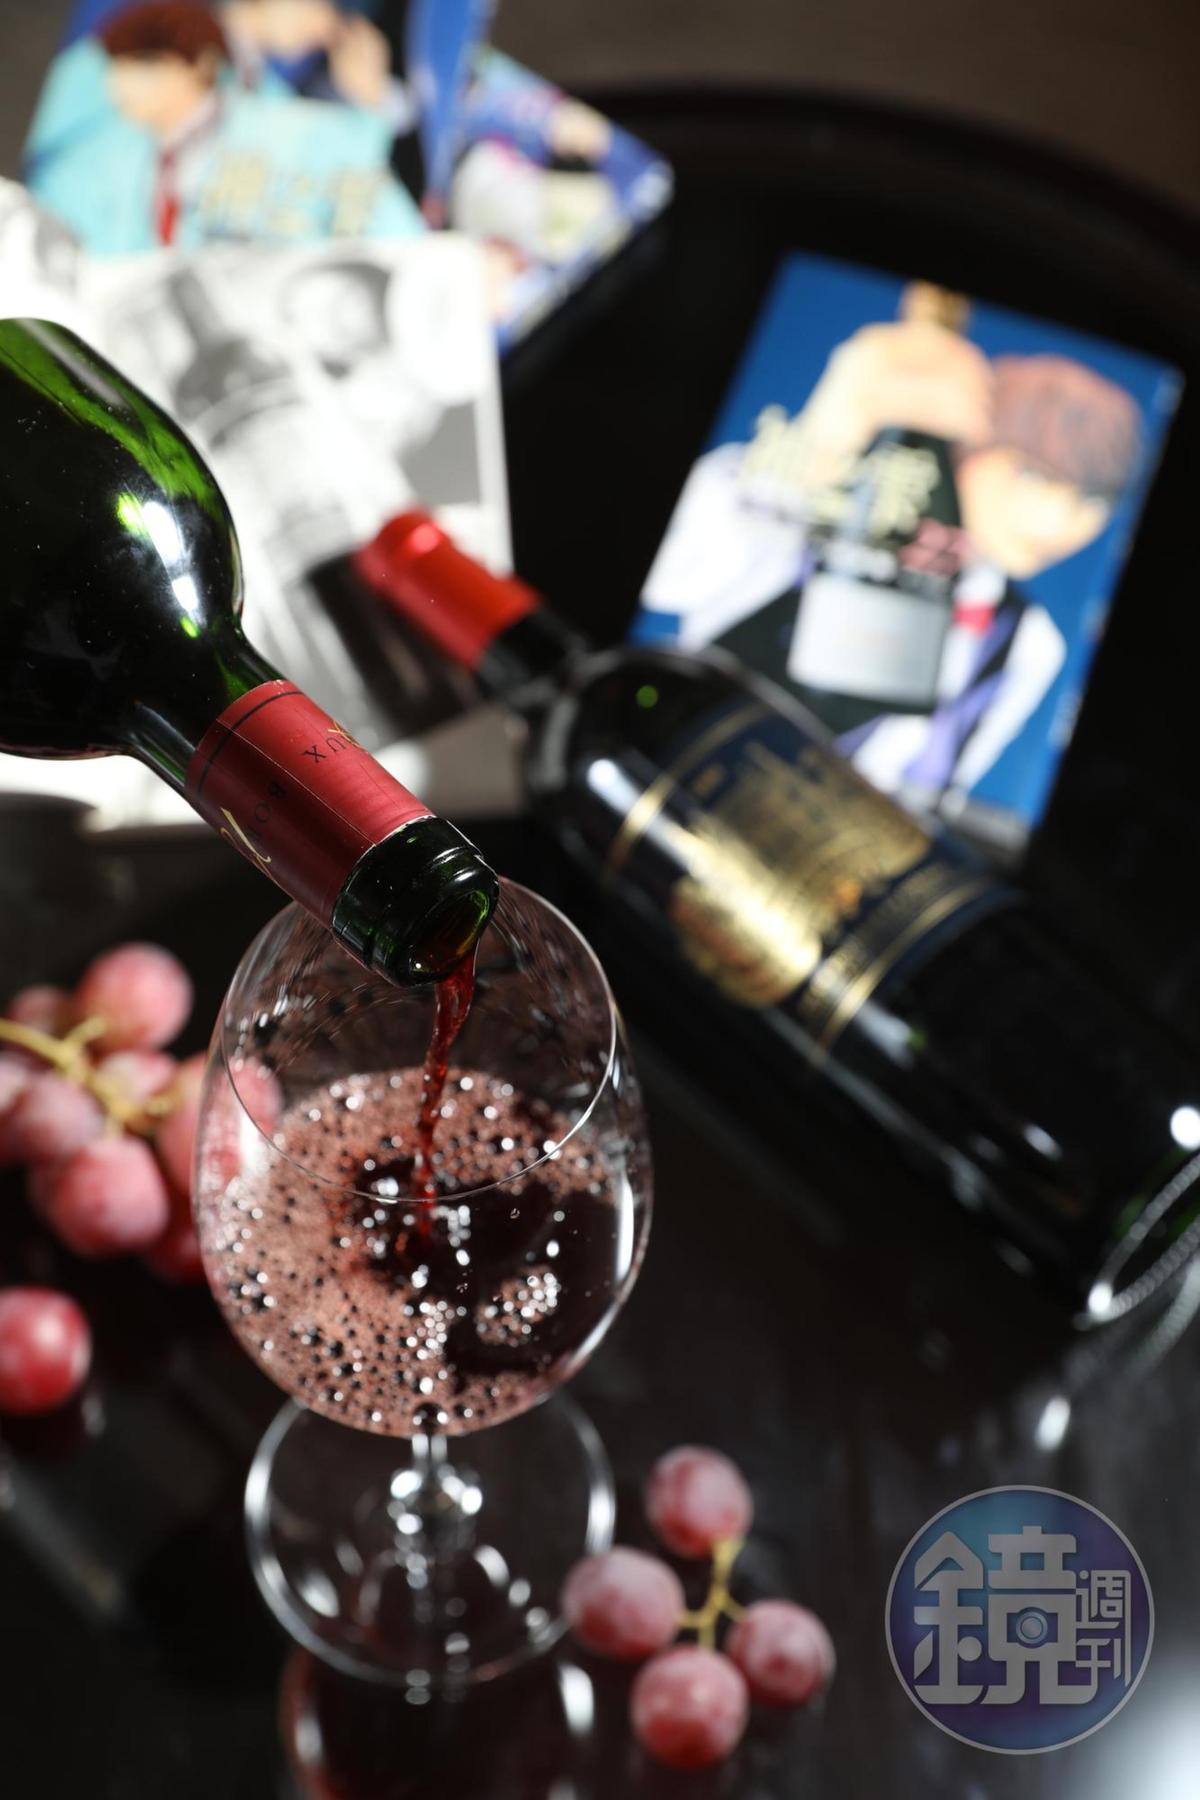 第六使徒有如母親柔美形象的「 Château Palmer 1999」,酒色如紅寶石深紅,芳香馥郁。(25,000元客座餐酒套餐酒款)